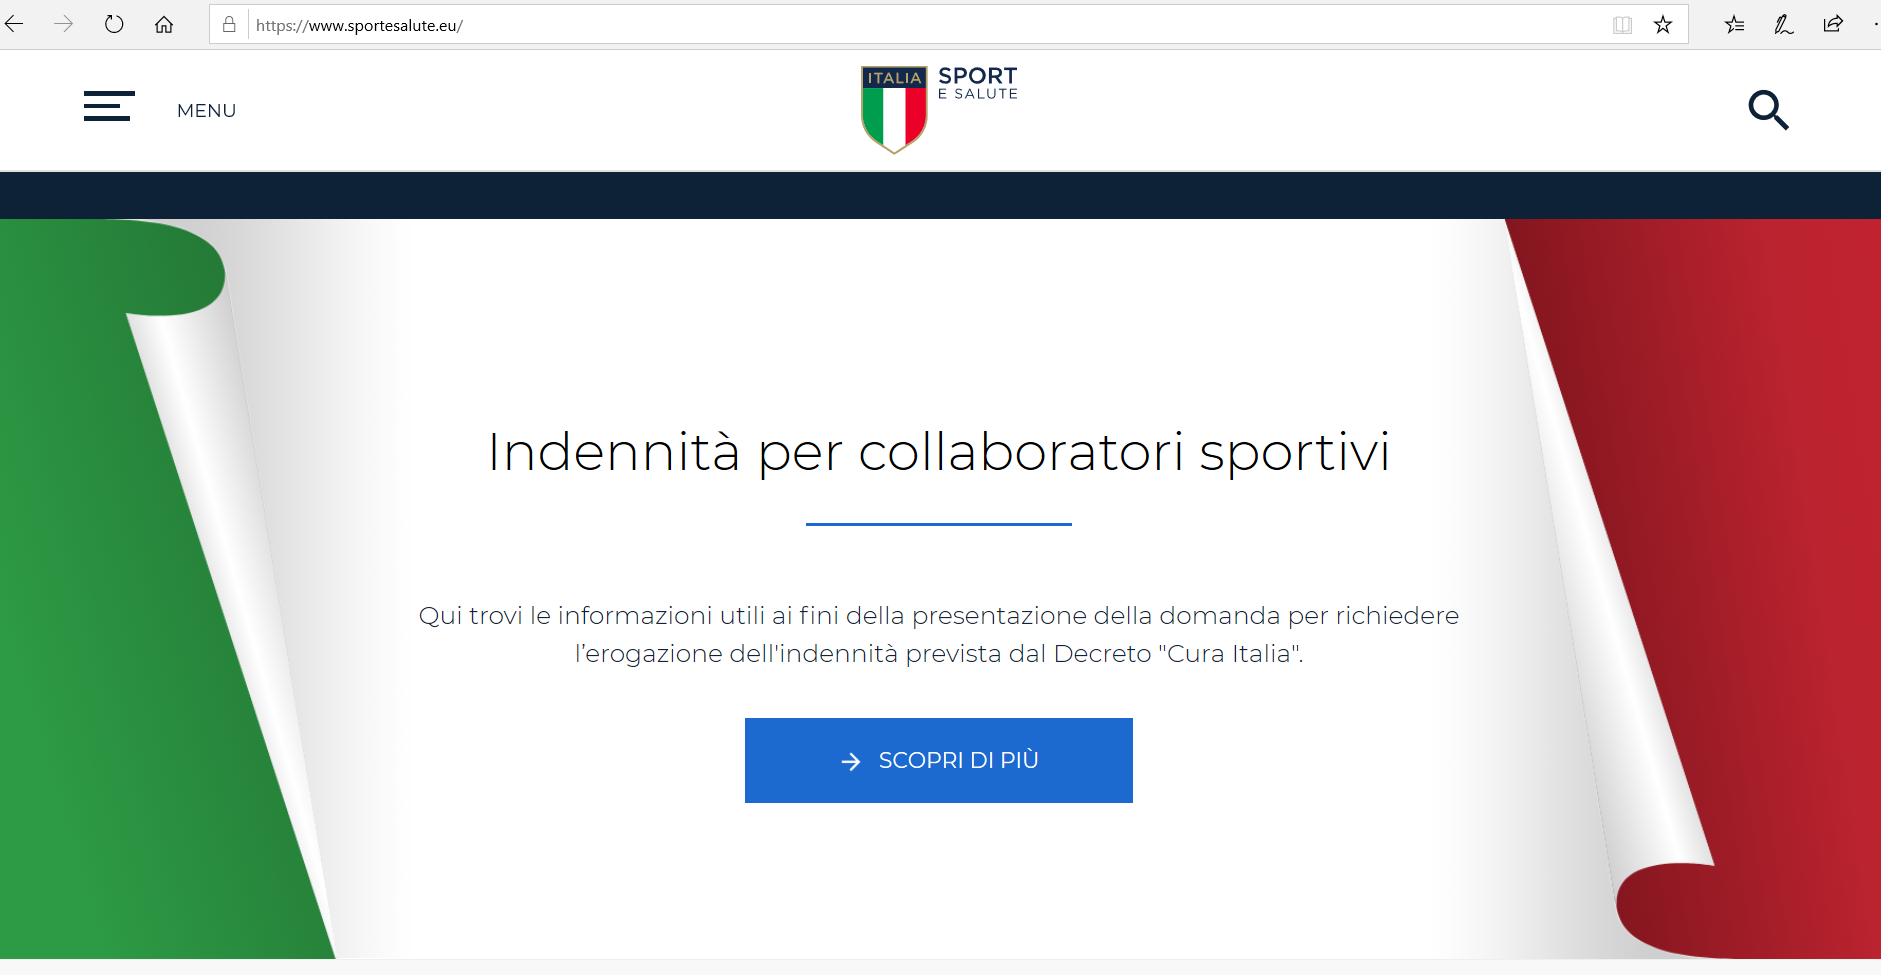 Cura Italia: dal 7 aprile le richieste per i collaboratori sportivi